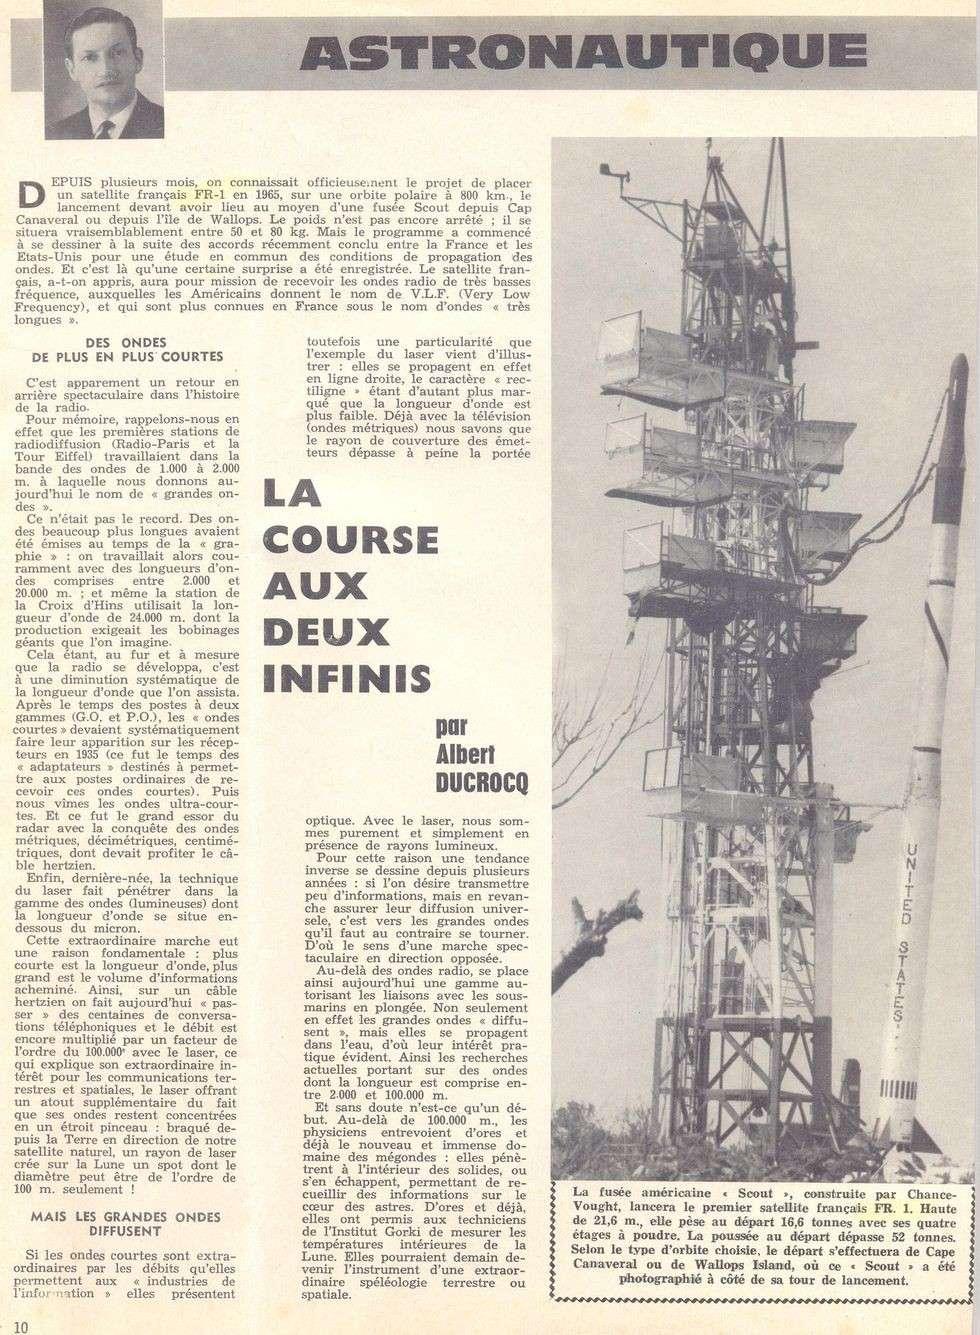 25-03-63 - Air et Cosmos n°1 - Article d'Albert Ducroq 63032510